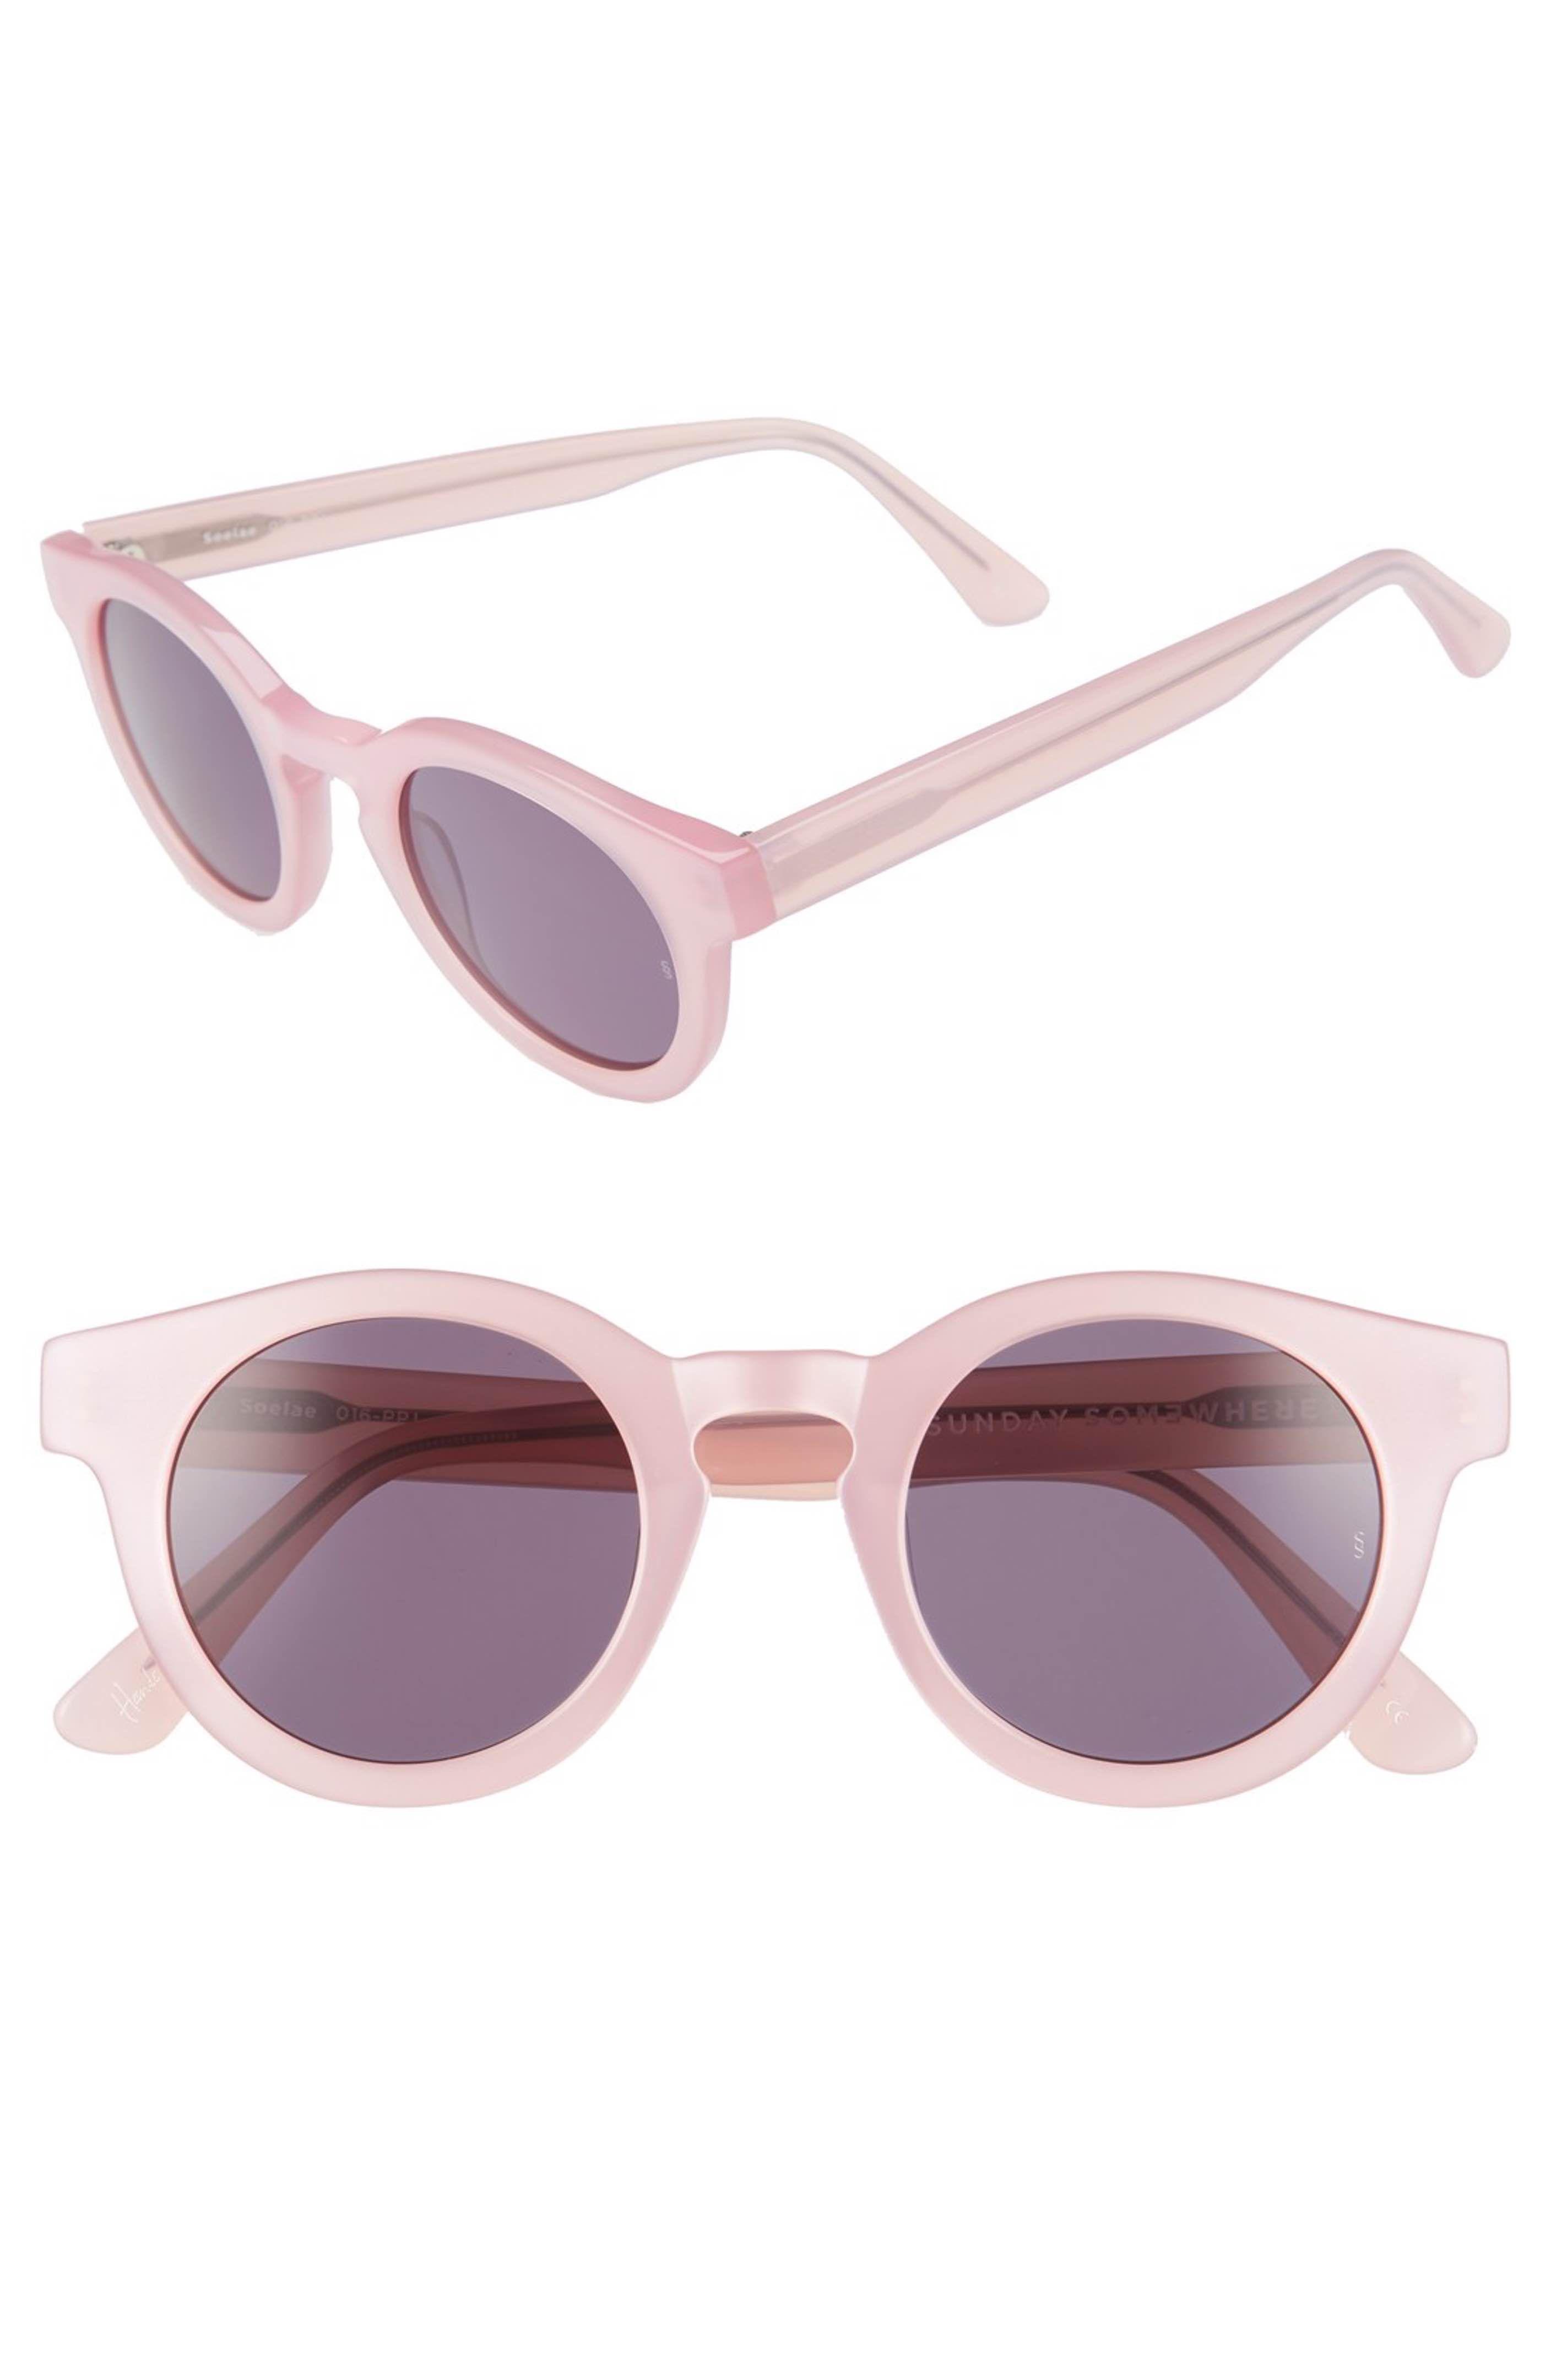 6dd7614e68 Main Image - SUNDAY SOMEWHERE  Soelae  46mm Round Sunglasses ...